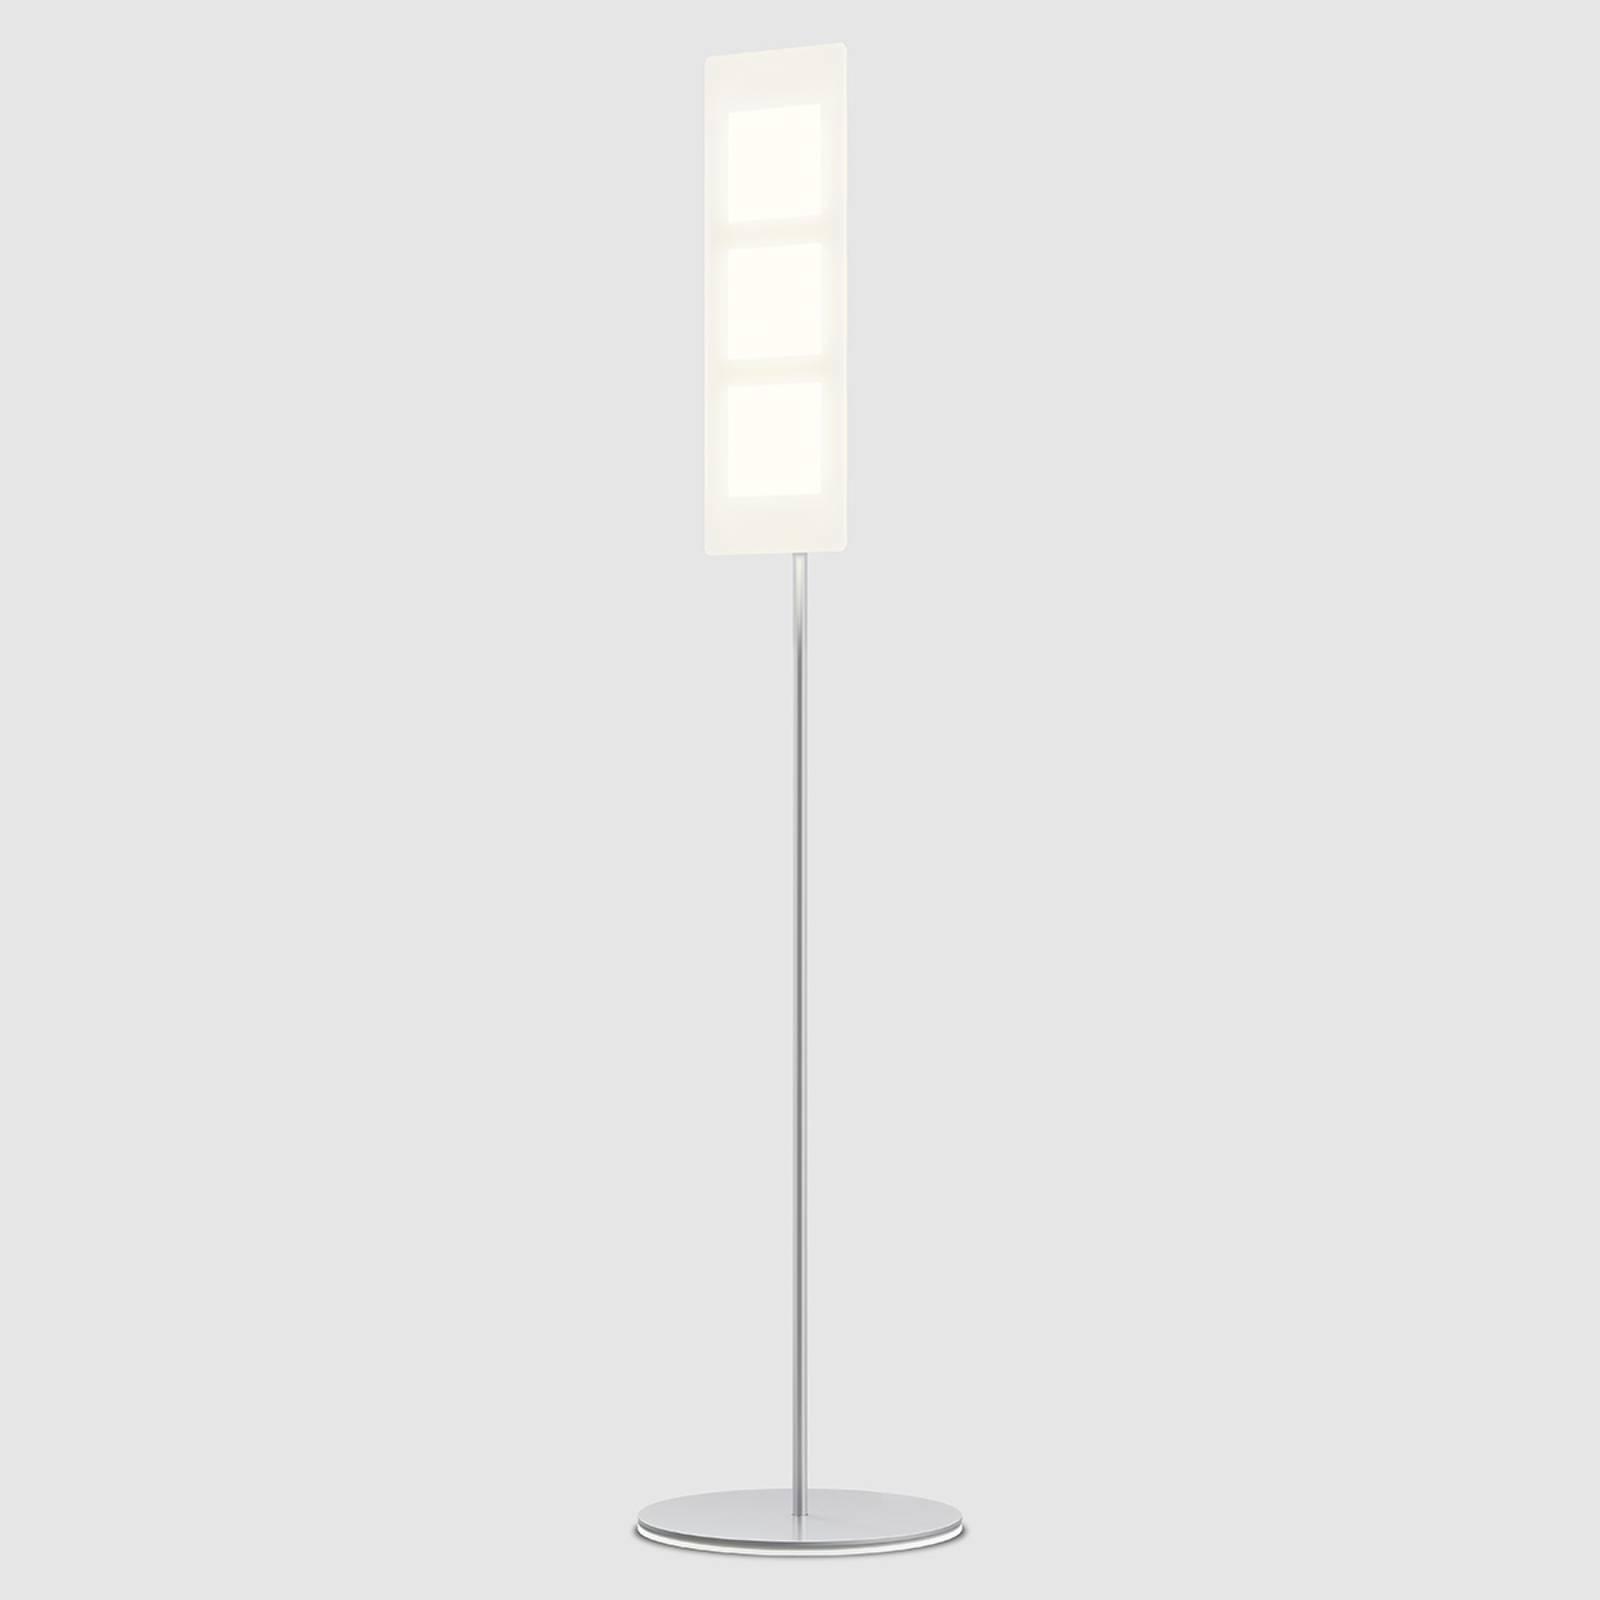 OMLED One f3 - valkoinen OLED-lattiavalaisin